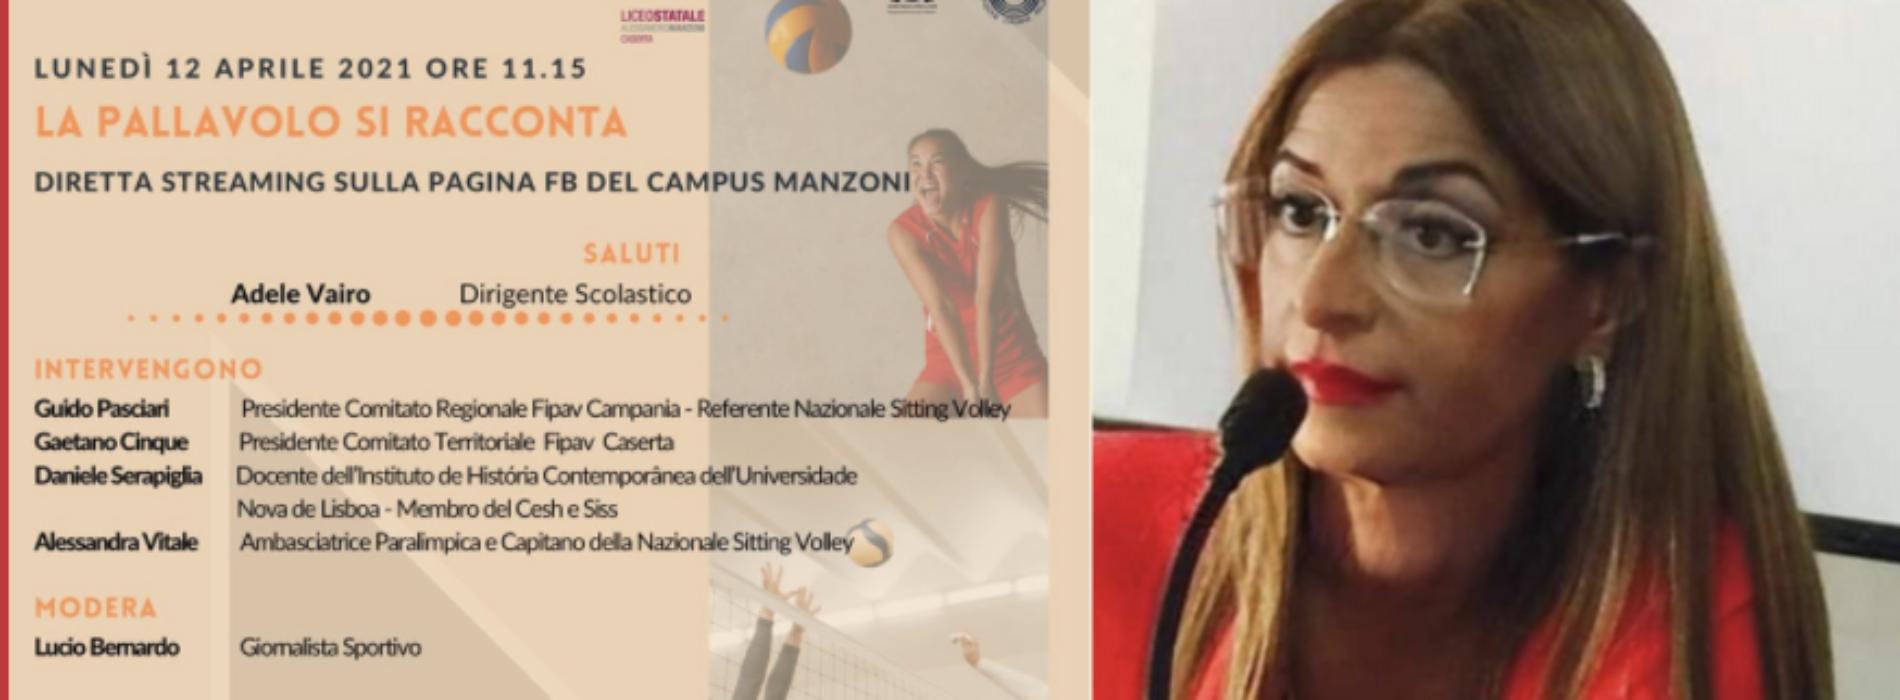 La pallavolo si racconta al Campus Manzoni, diretta streaming